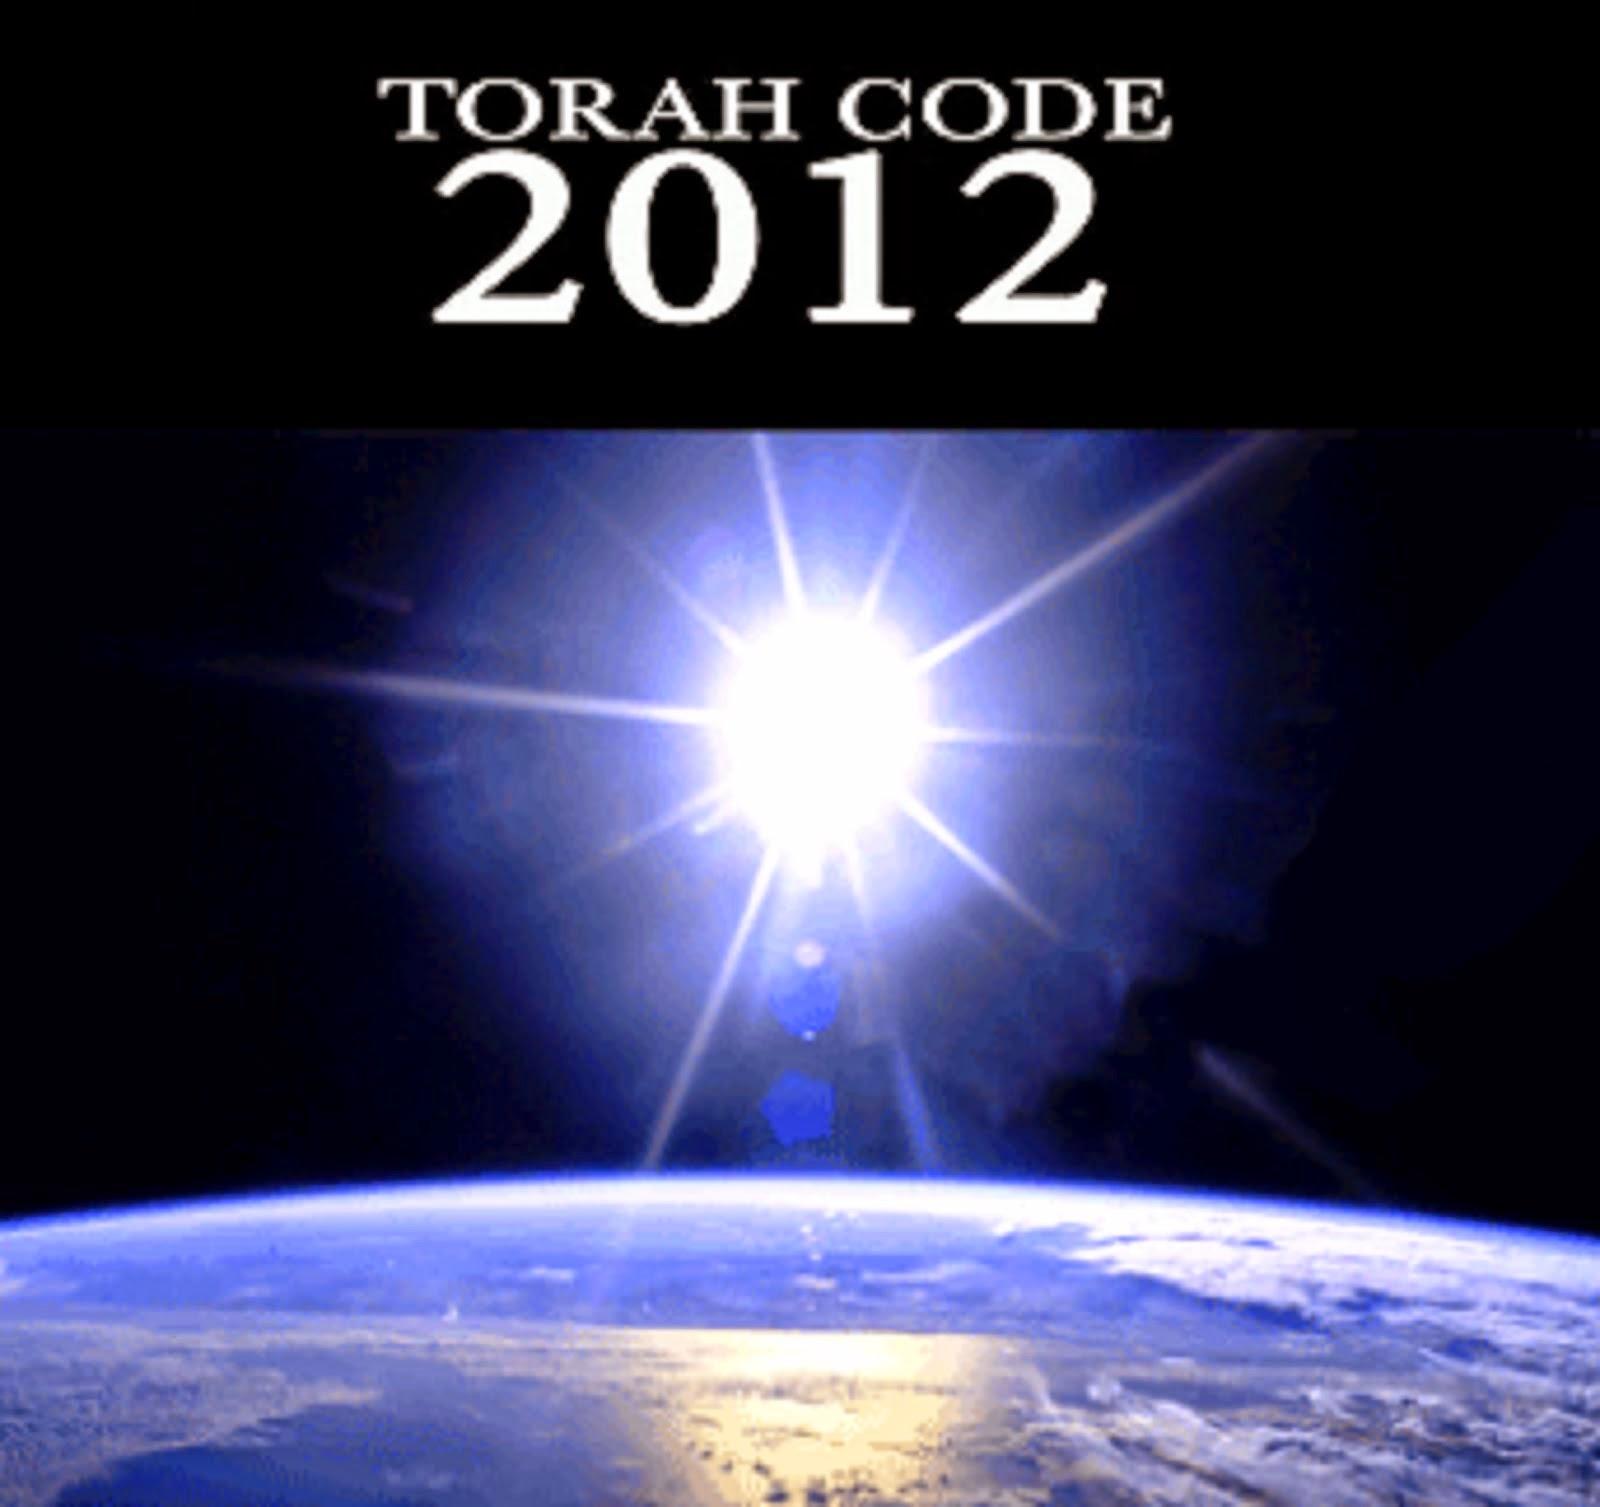 TORAH CODE TO THE HOLY BIBLE 2012